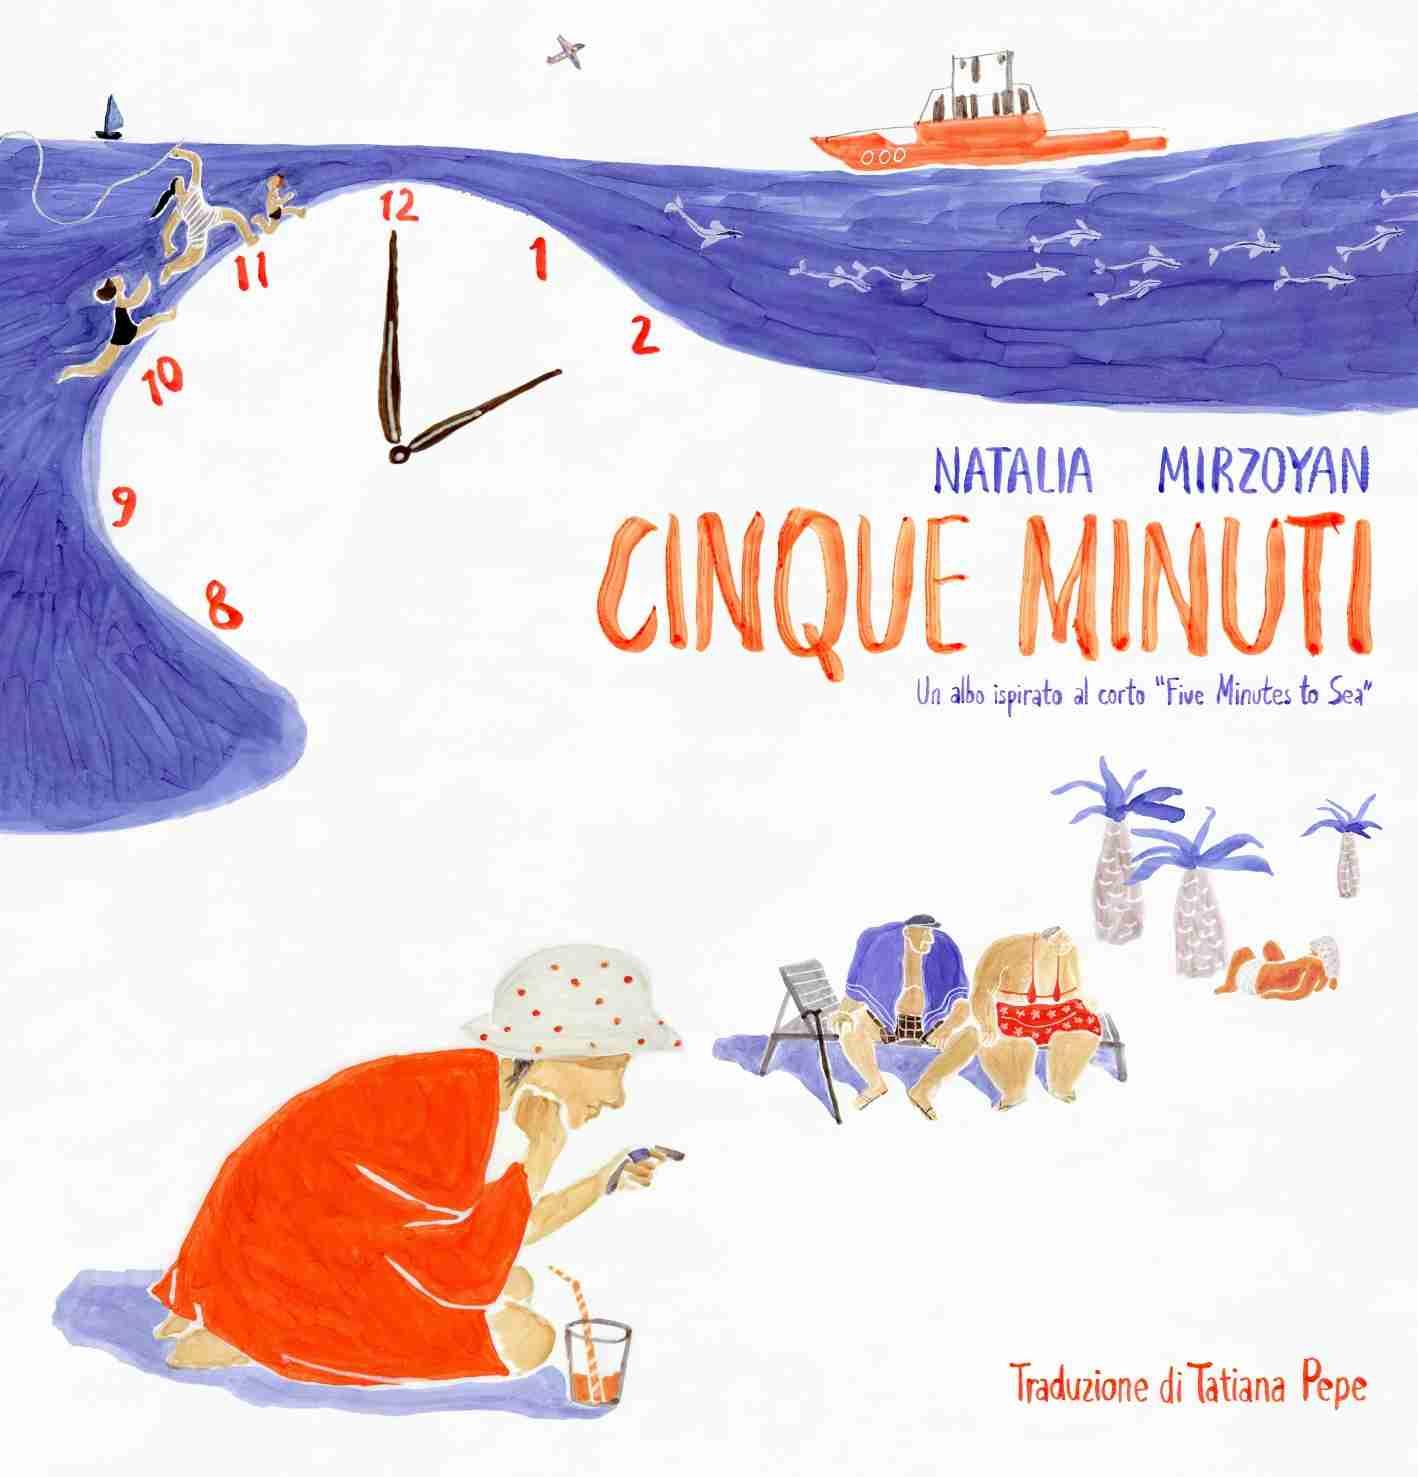 CINQUE MINUTI di Natalia Mirzoyan, CAISSA EDITORE